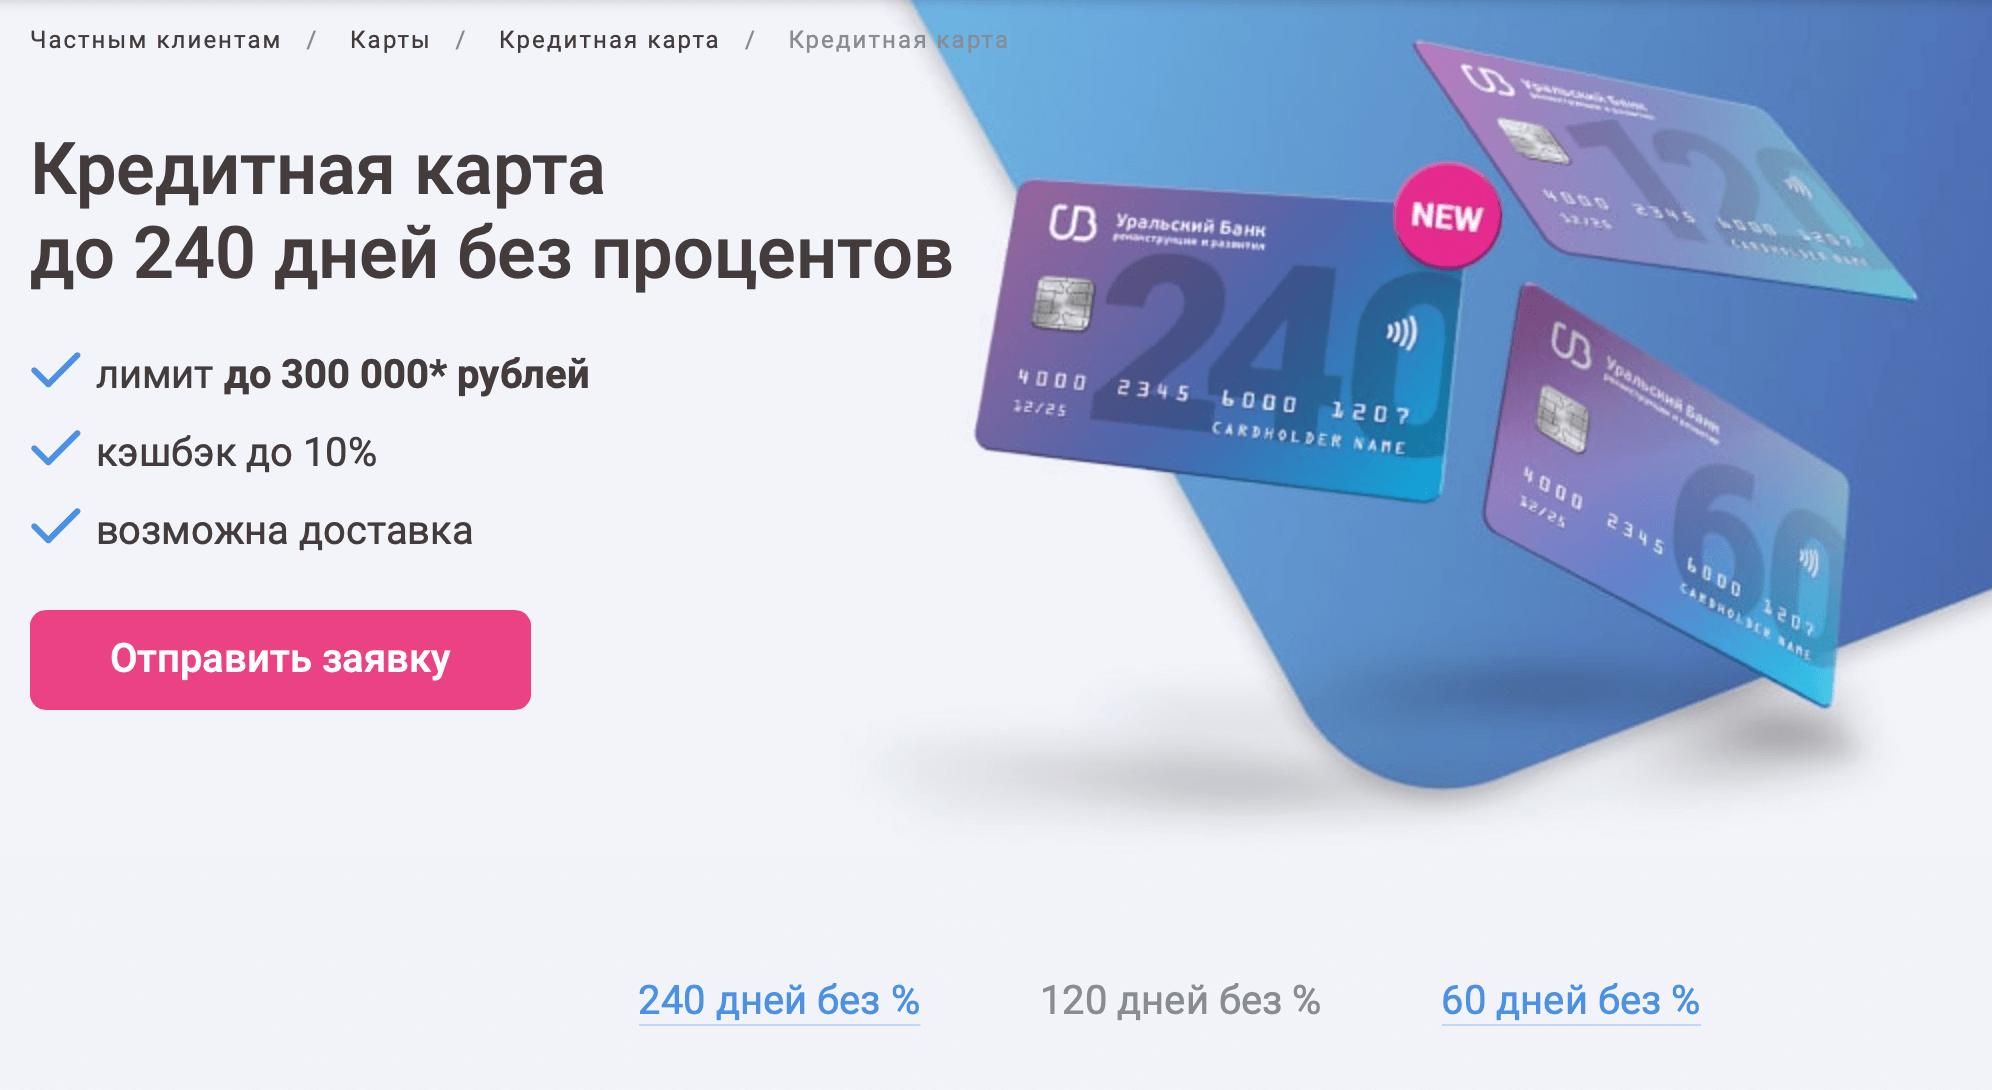 Официальный сайт убрир